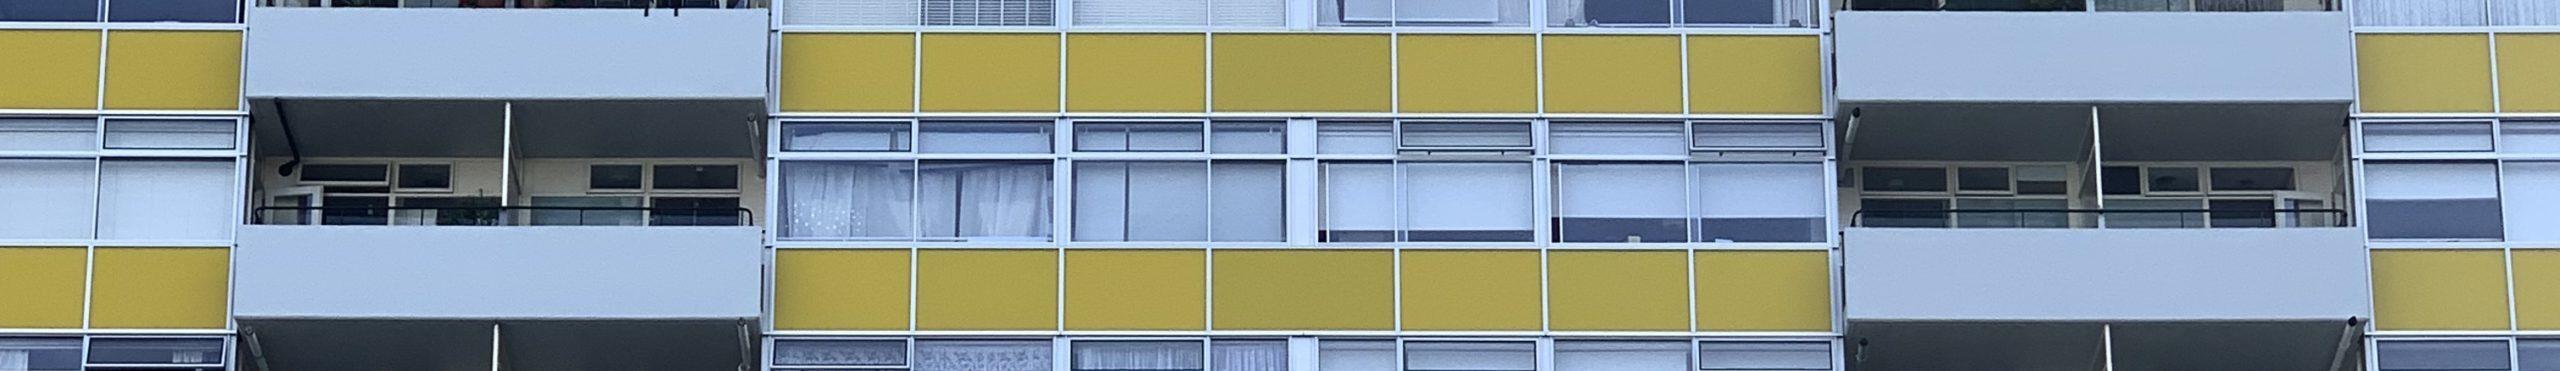 Barbican Living